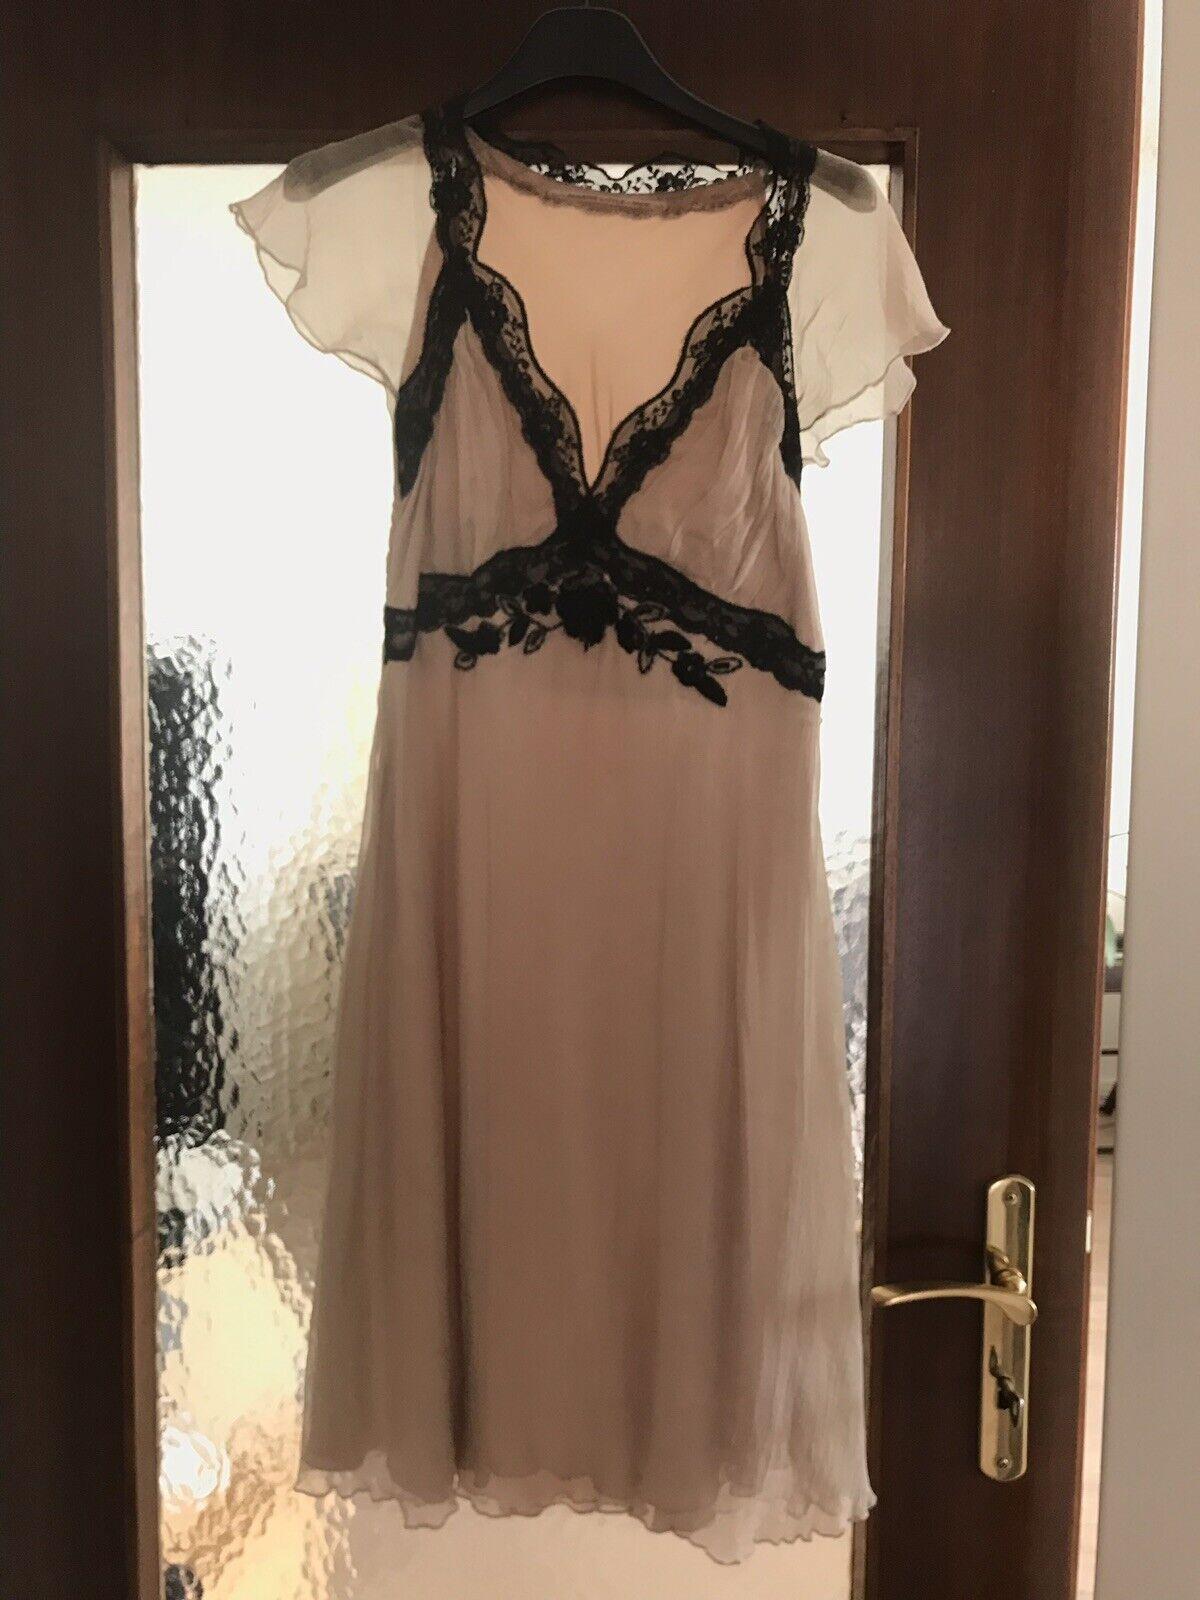 969baaef1c742b Nolia Kleid Dress 36 instyle Gr Blogger nngqtn674-Kleider - www ...